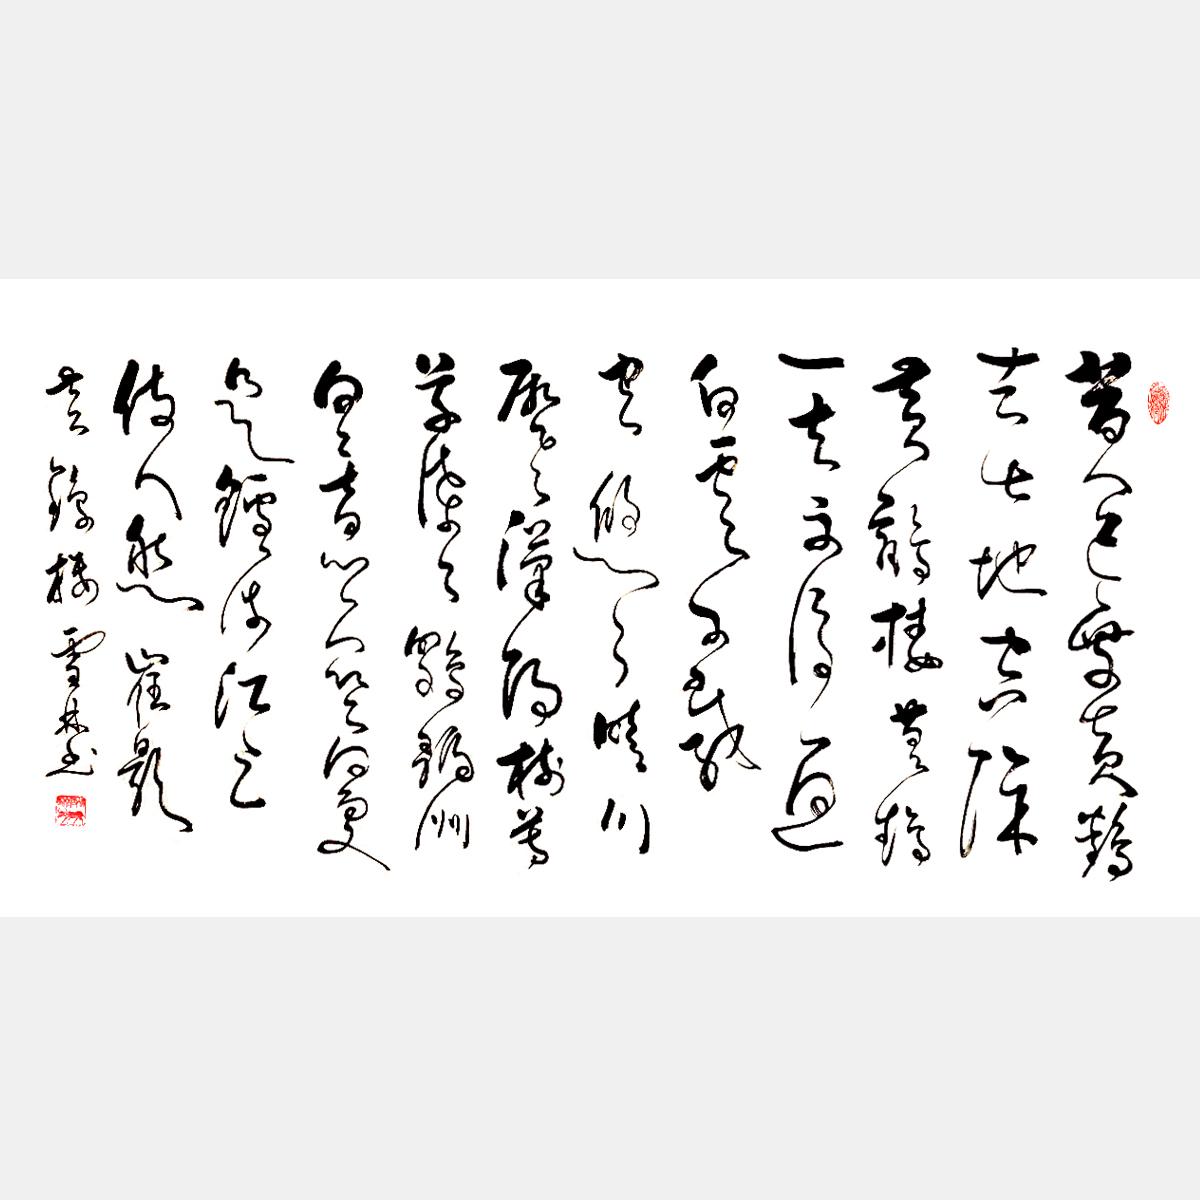 唐·崔颢《黄鹤楼》书法作品 黄鹤楼草书字画 唐人七言律诗第一